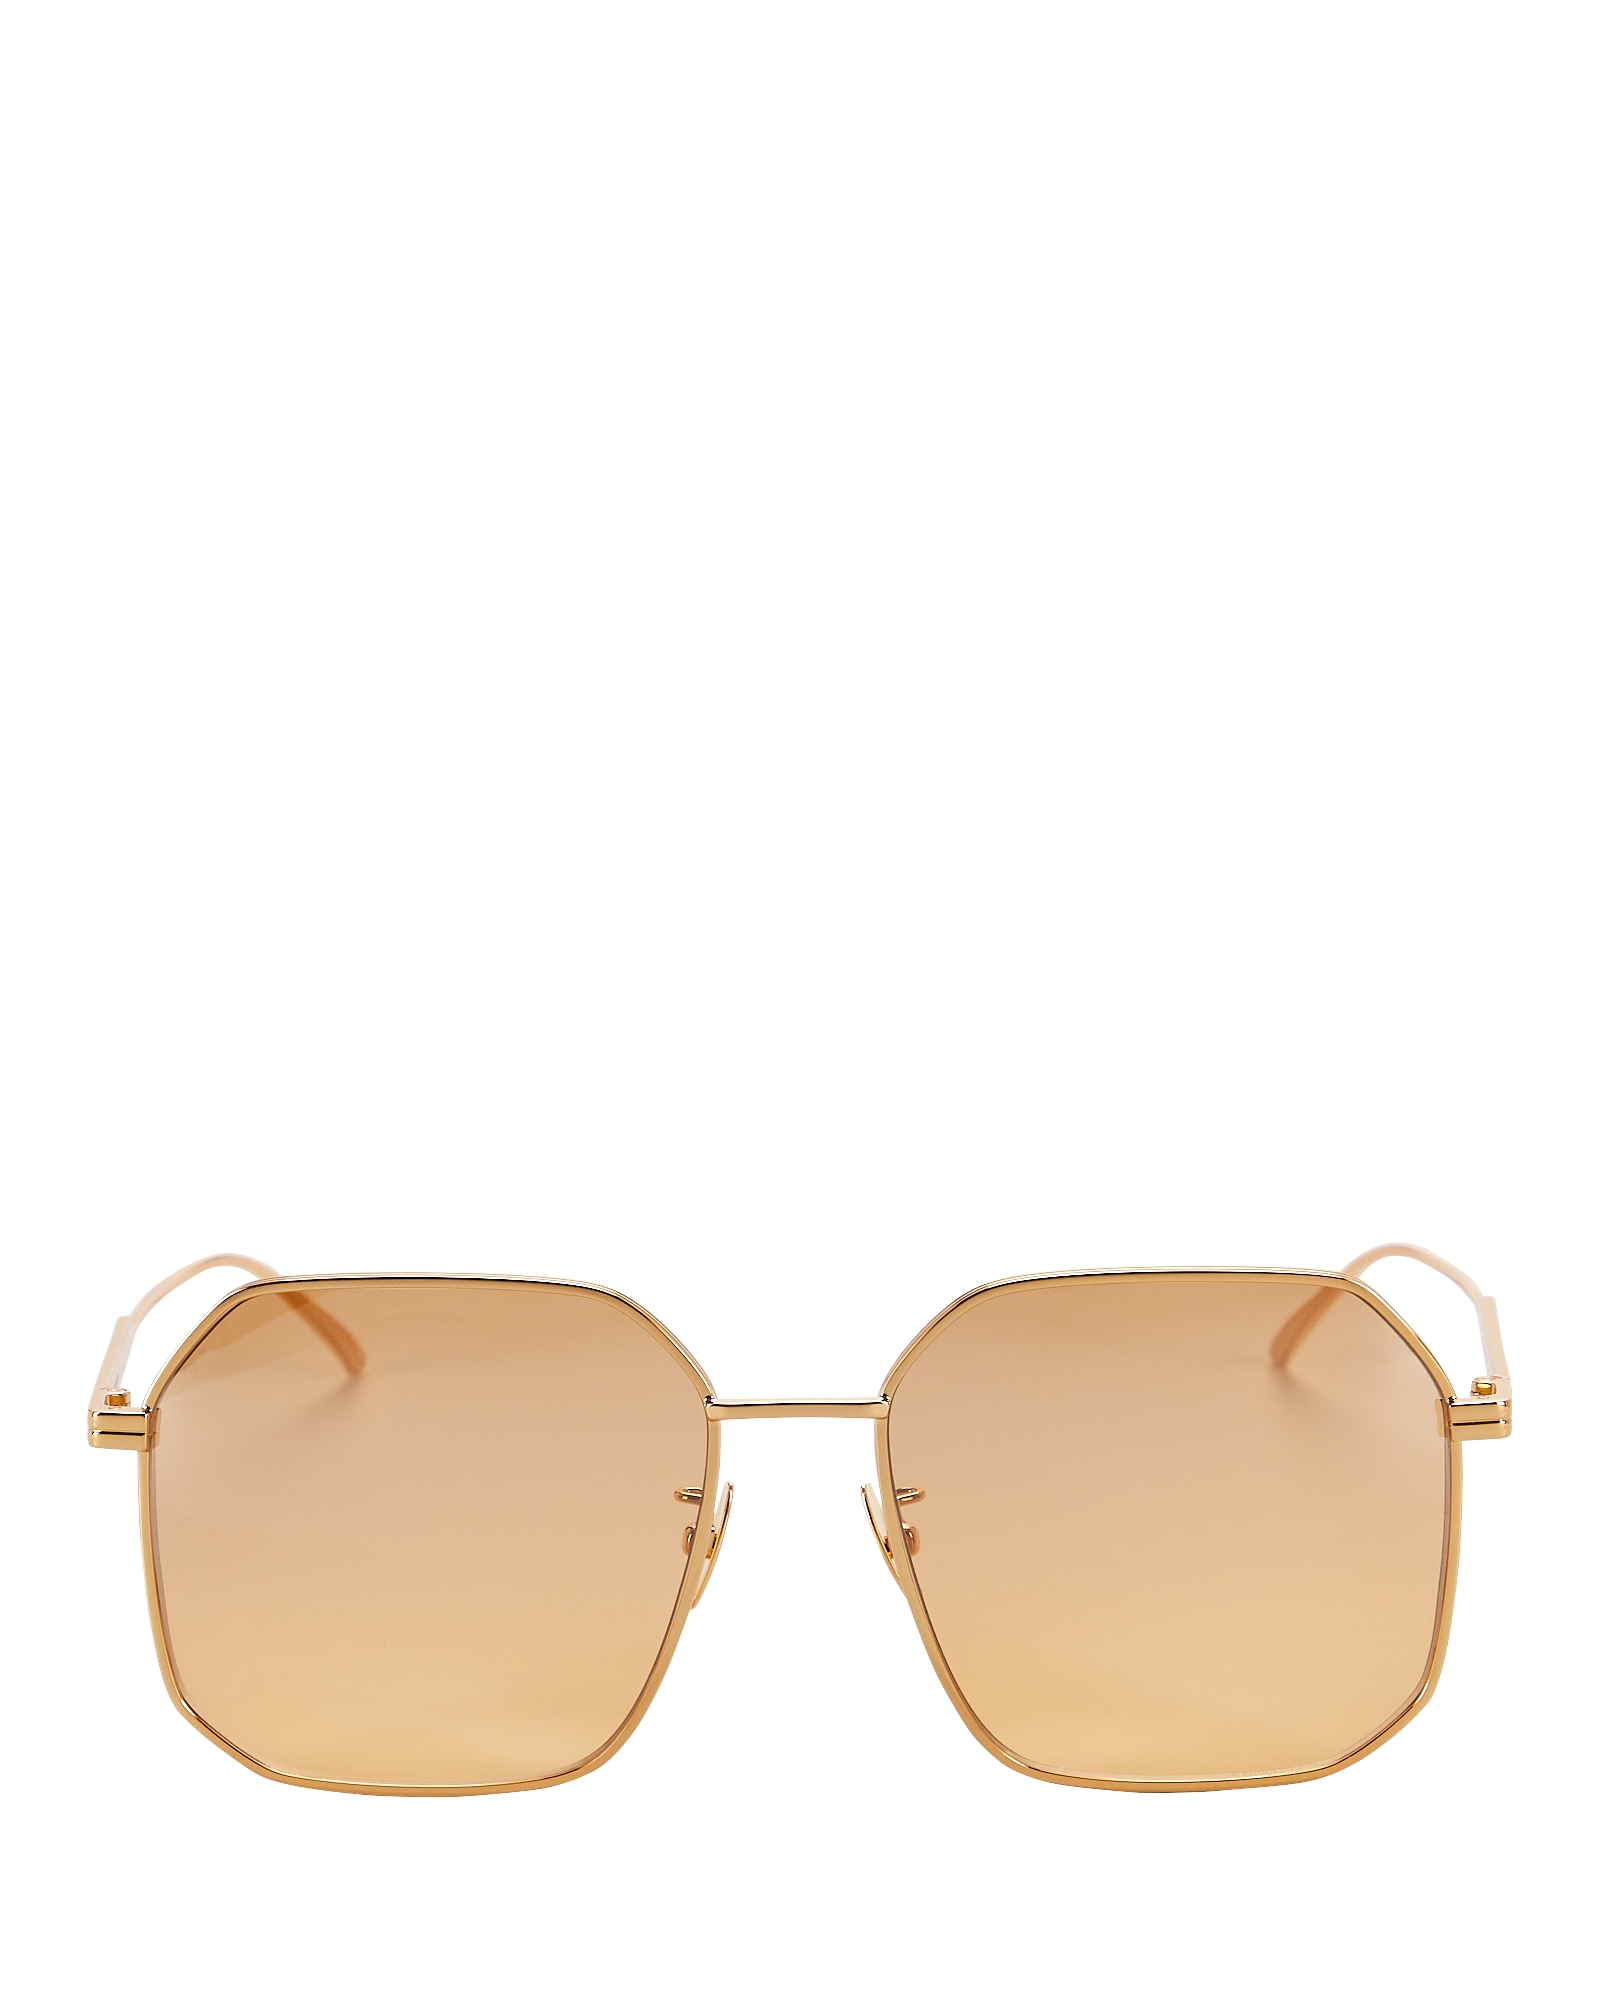 Bottega Veneta Sunglasses Wire Square Sunglasses